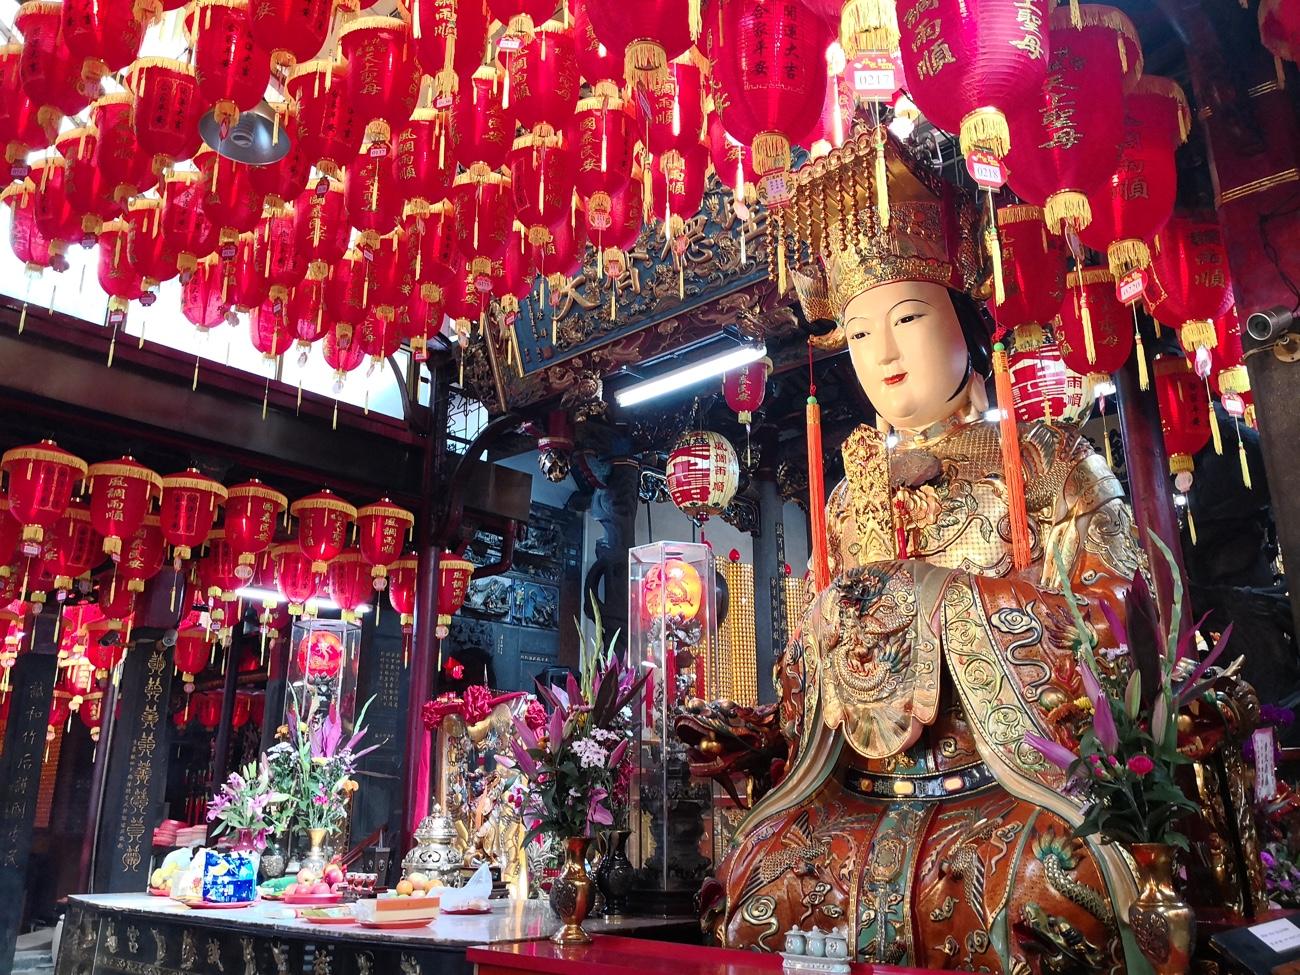 台湾台北観光 士林士林慈諴宮 台湾旅行ブログおすすめ